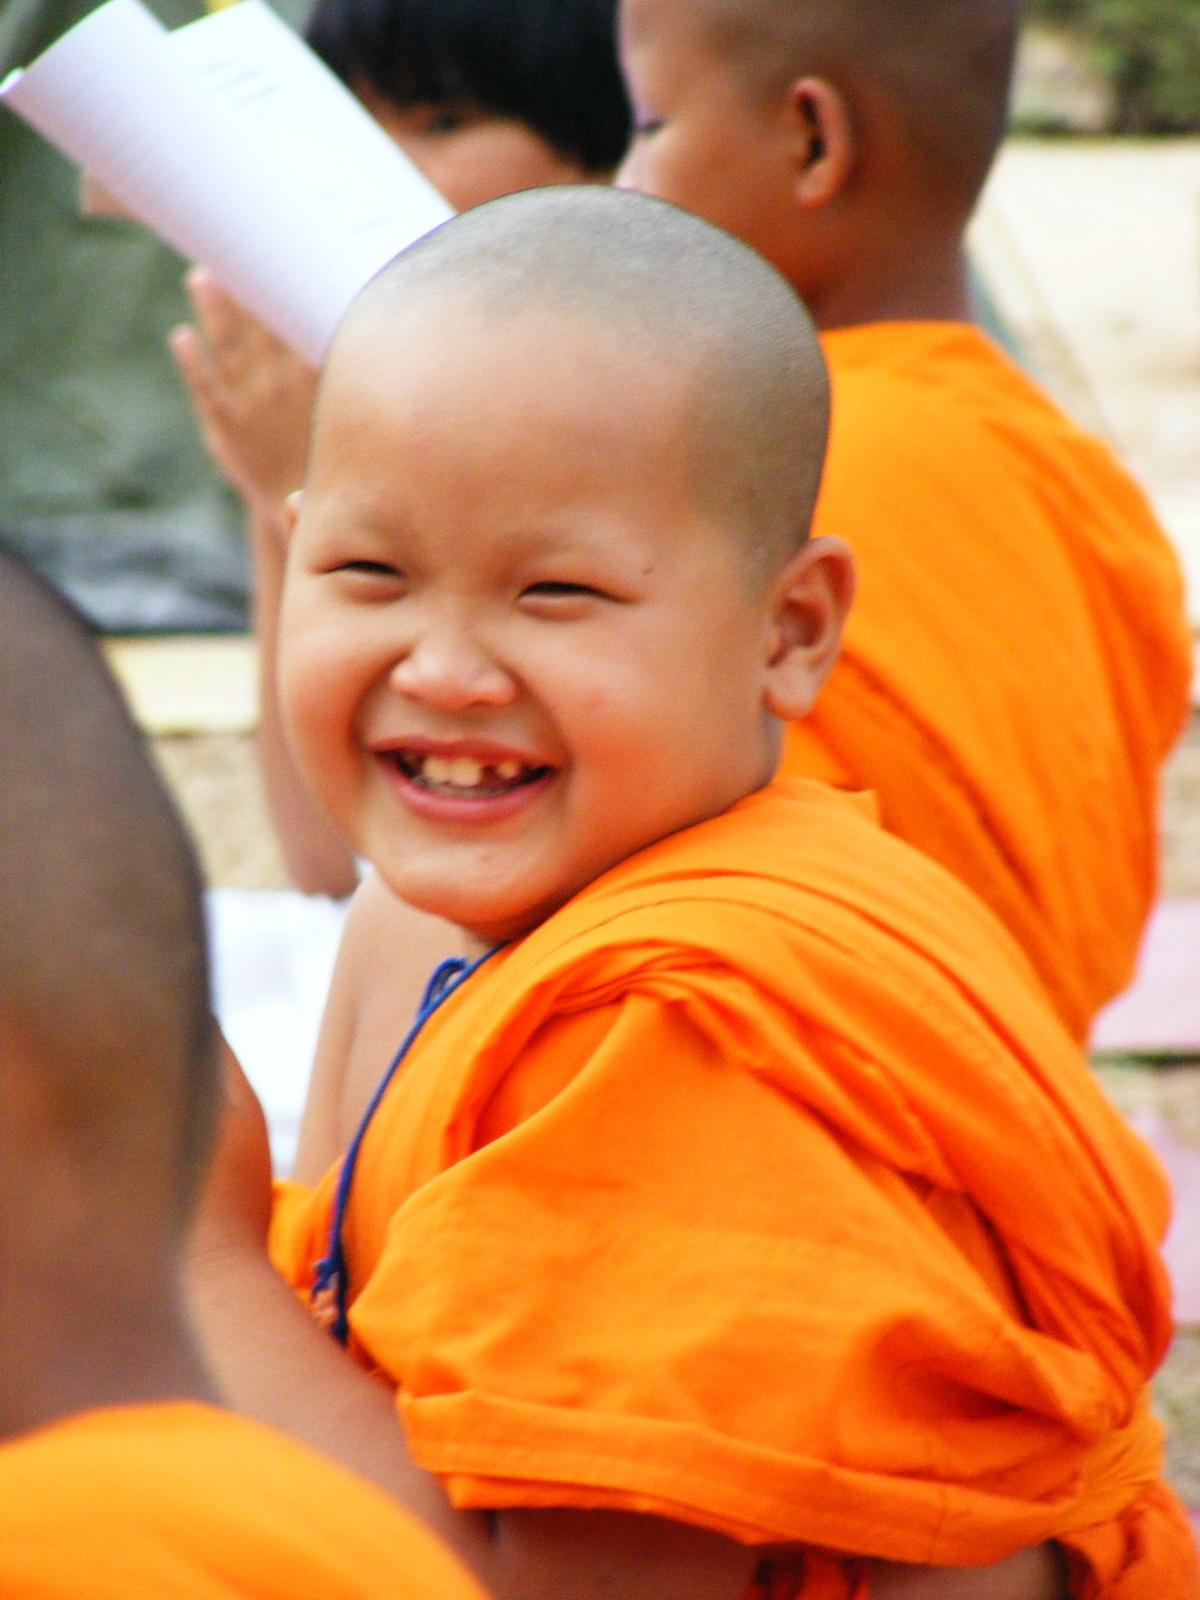 Thai monks celibate dating